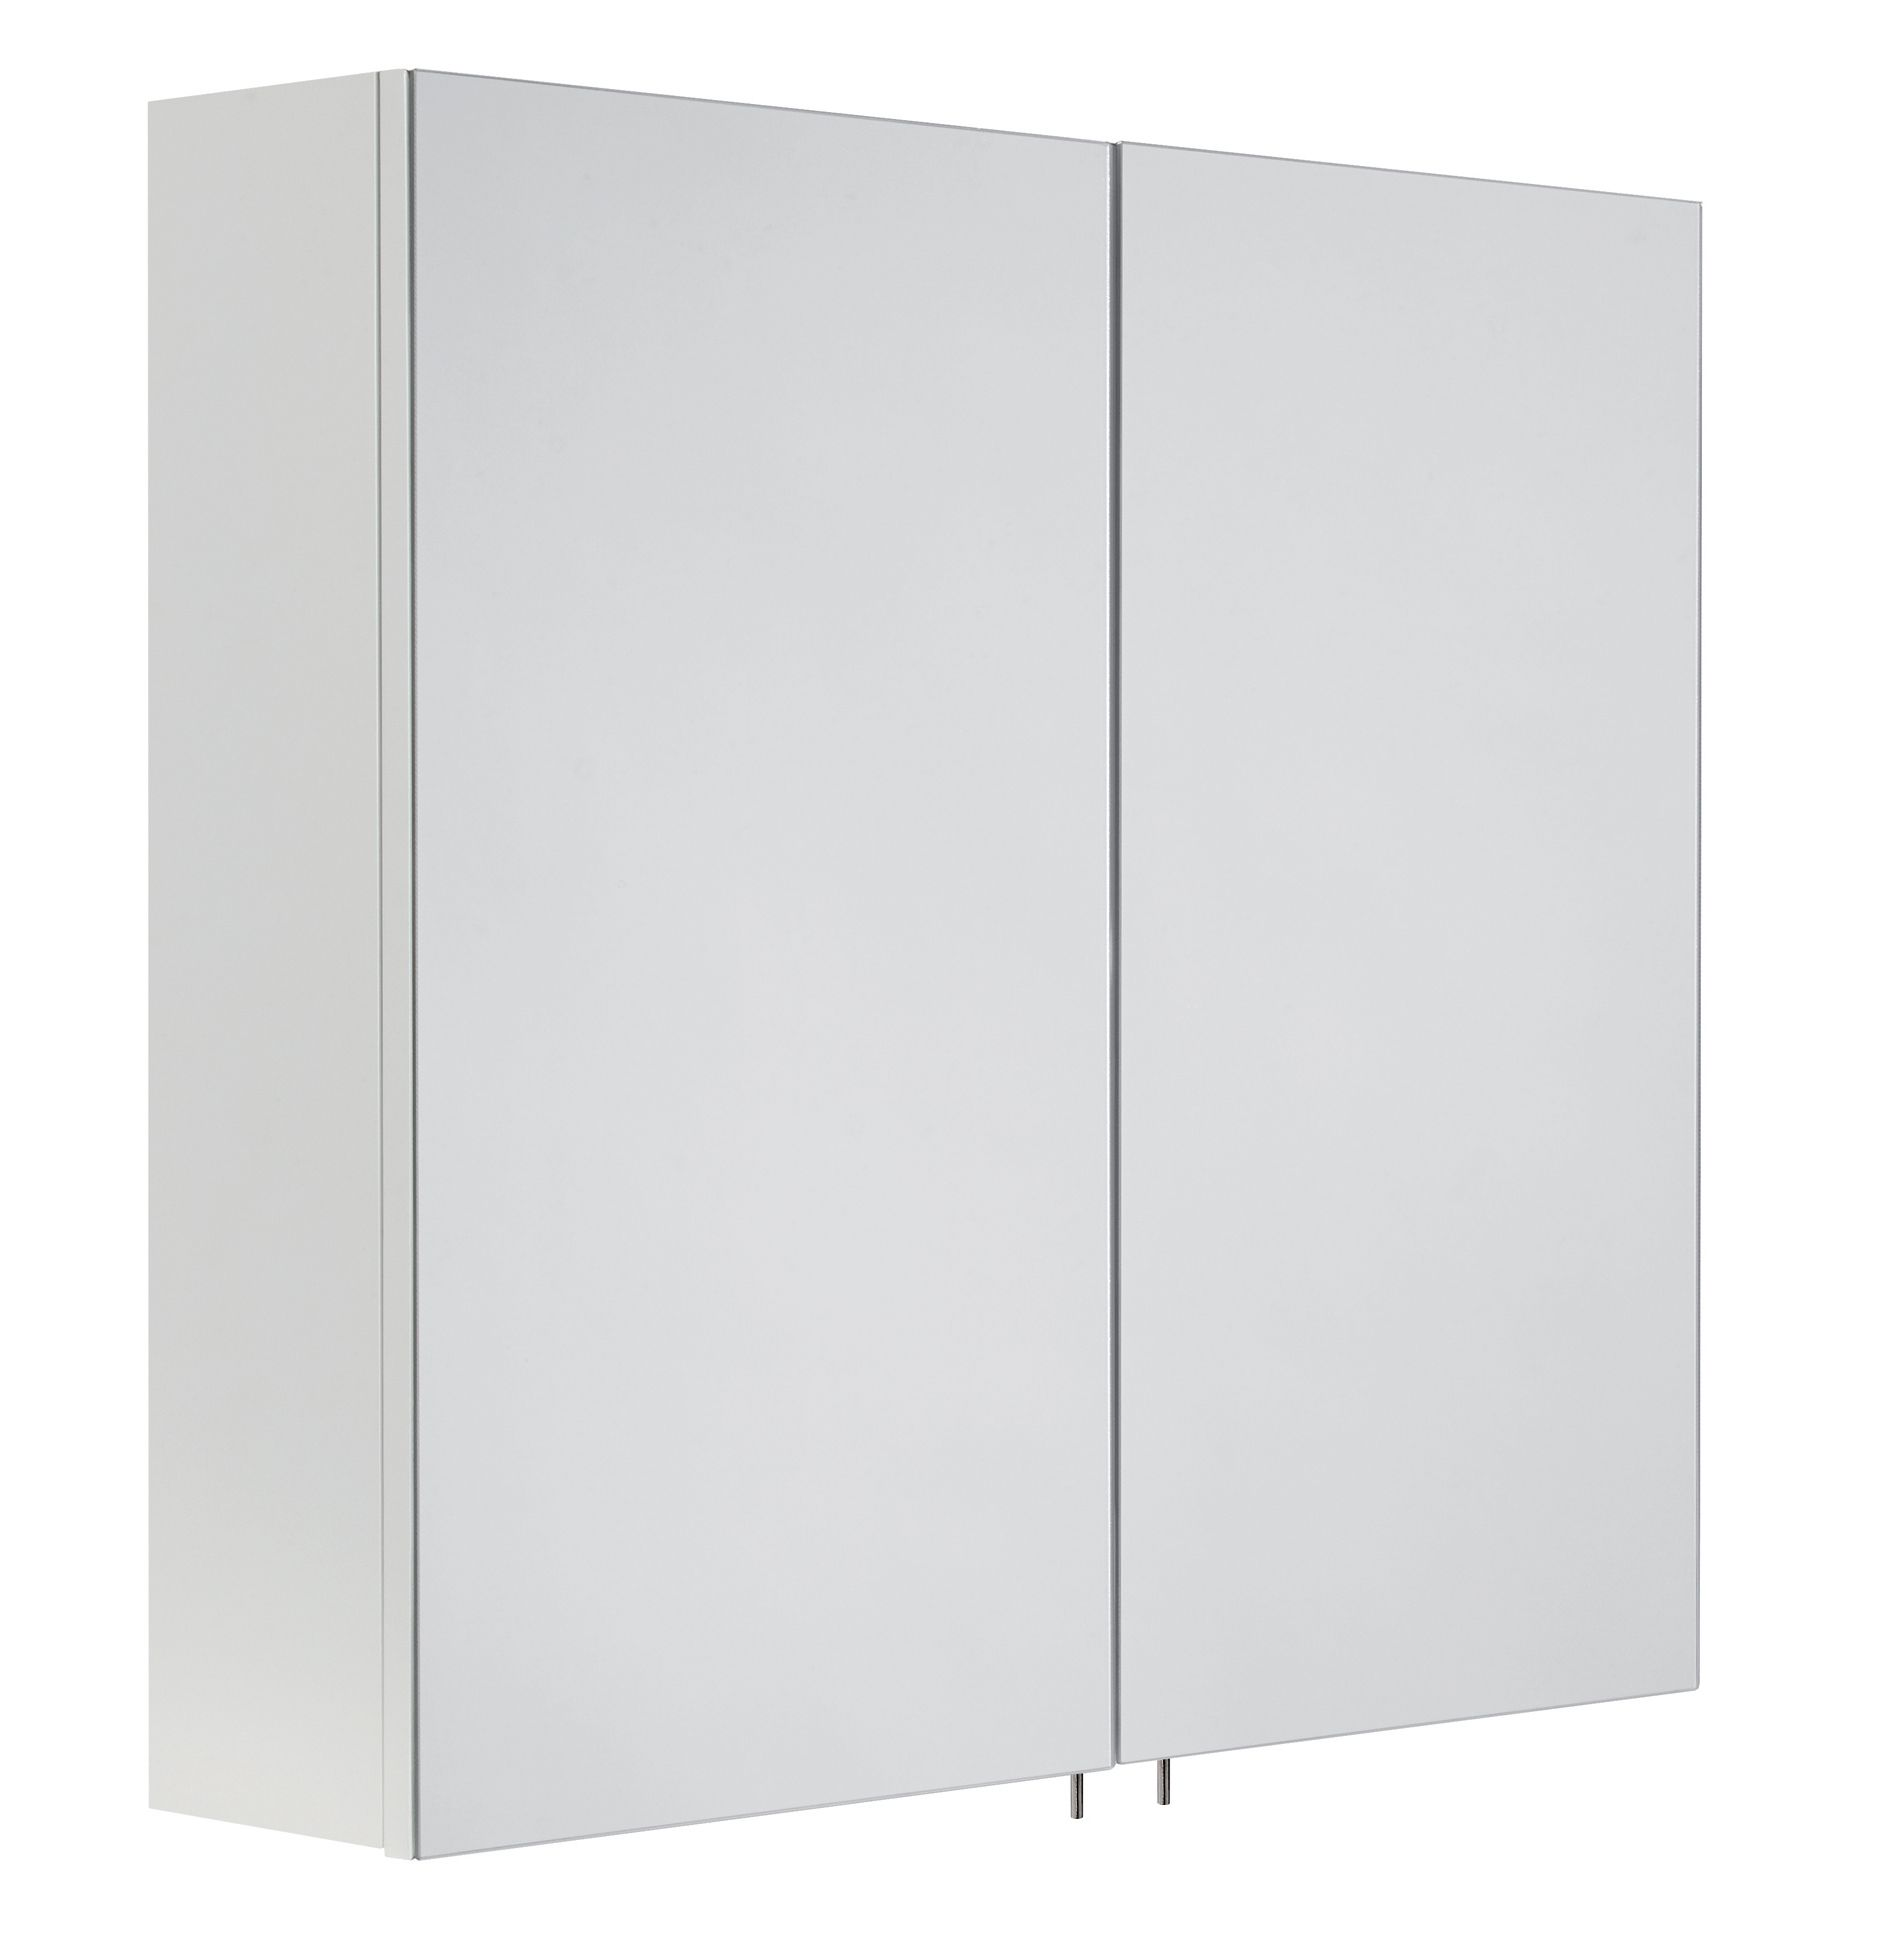 Diy Mirror Cabinet Door: Varese Double Door White Mirror Cabinet